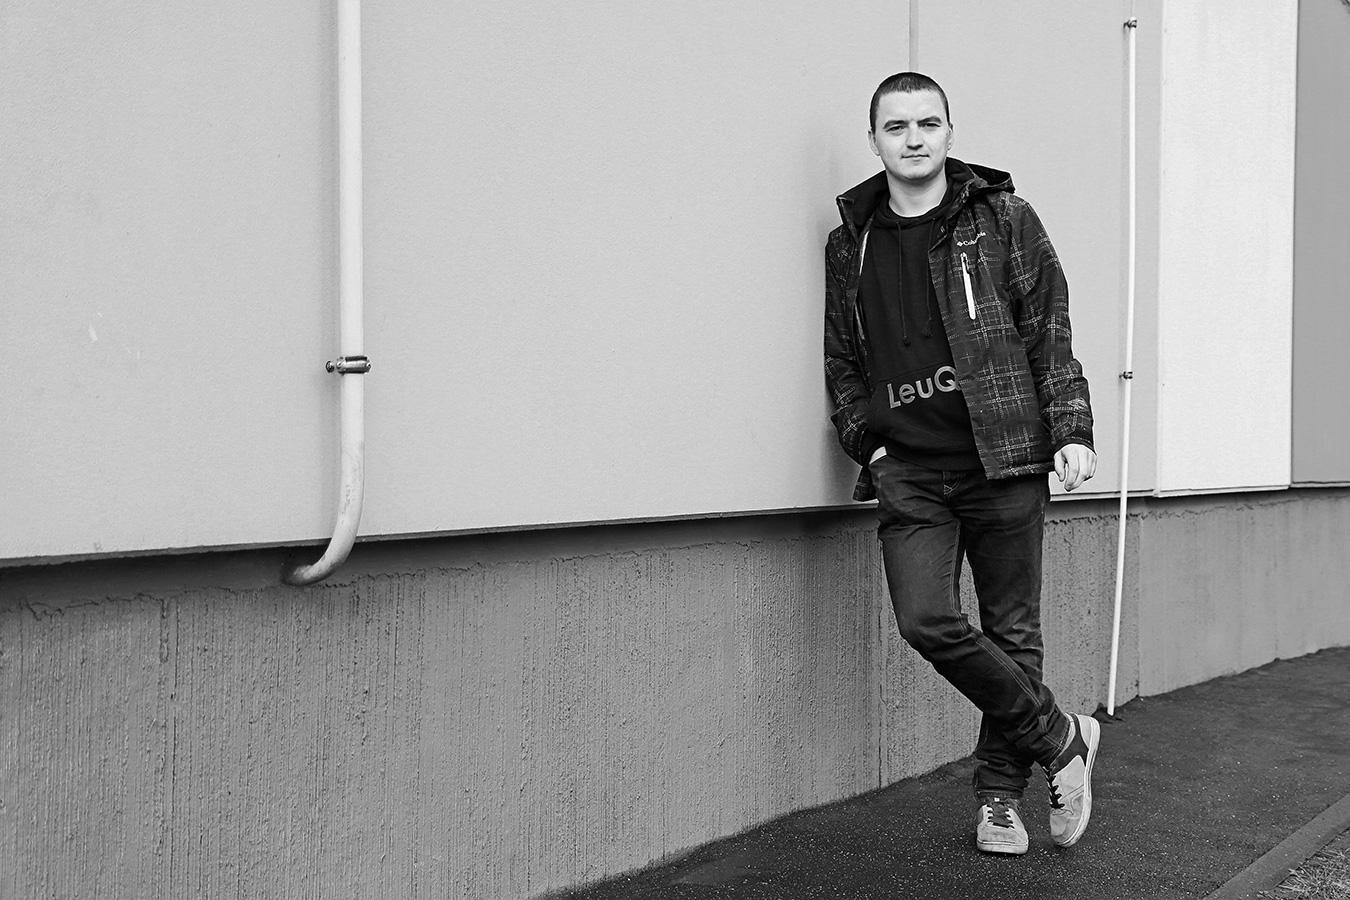 Андрей Диченко. Фото — Жан-Мари Бабоно